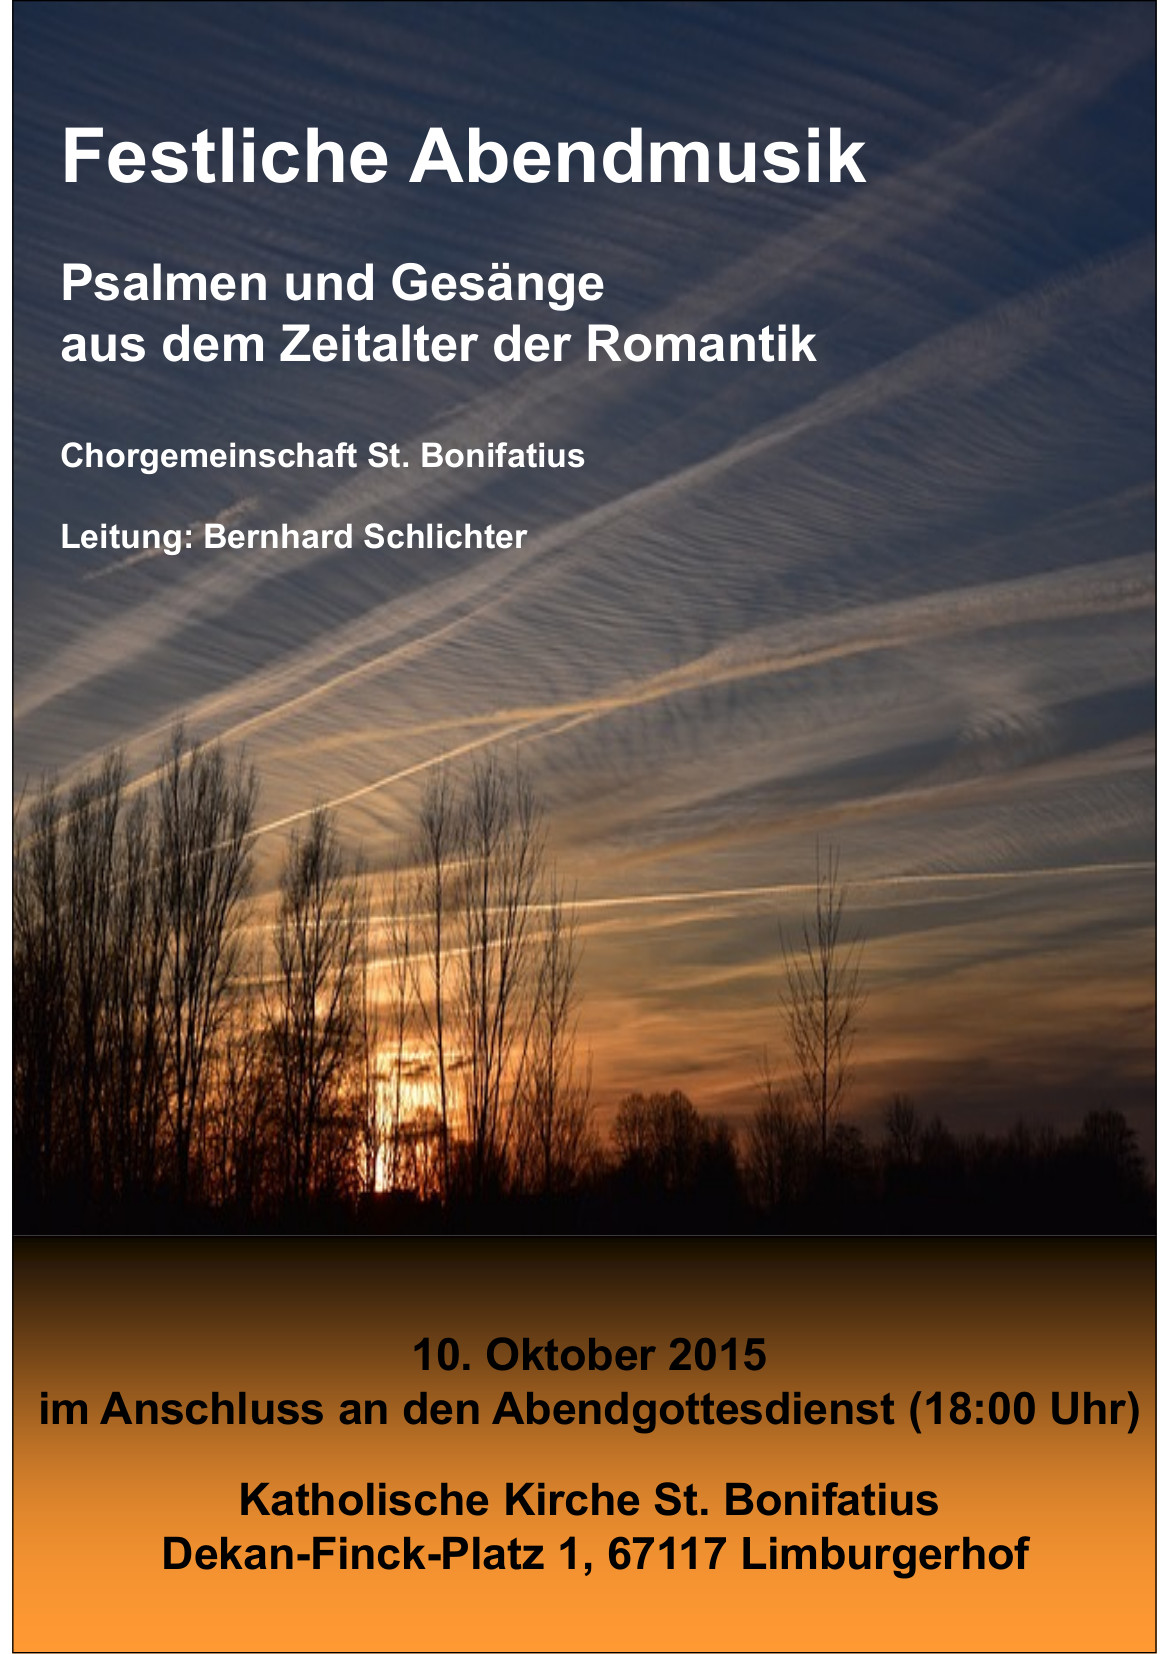 Plakat_Abendmusik - A3